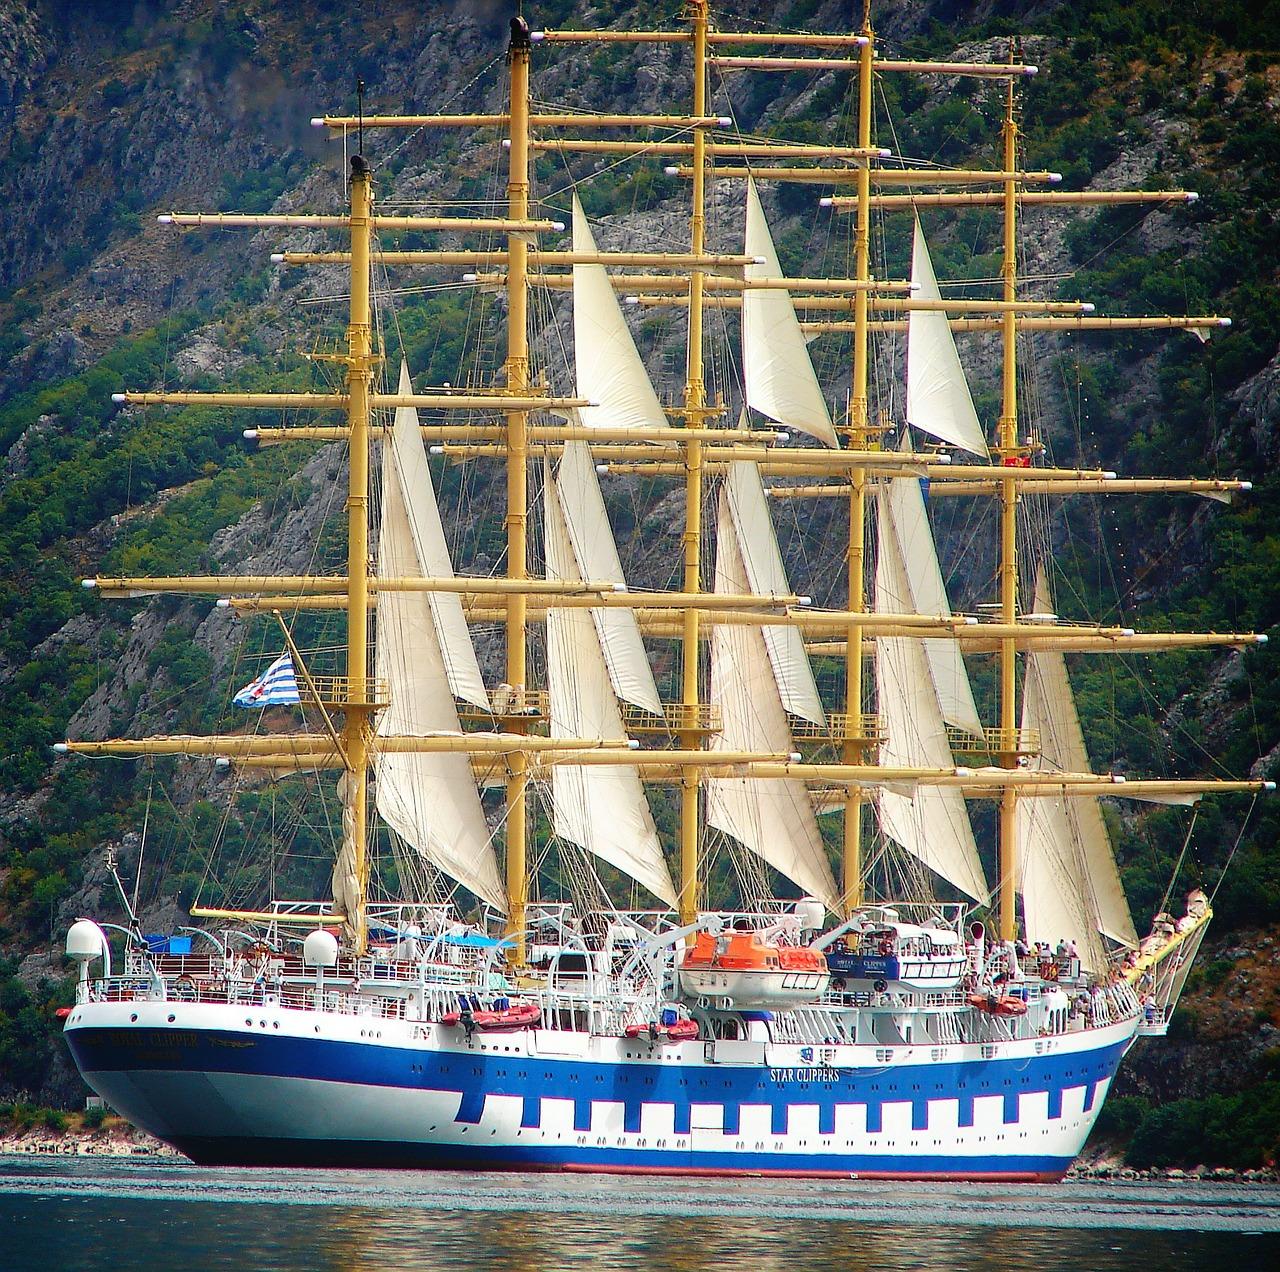 sailing-ship-263168_1280